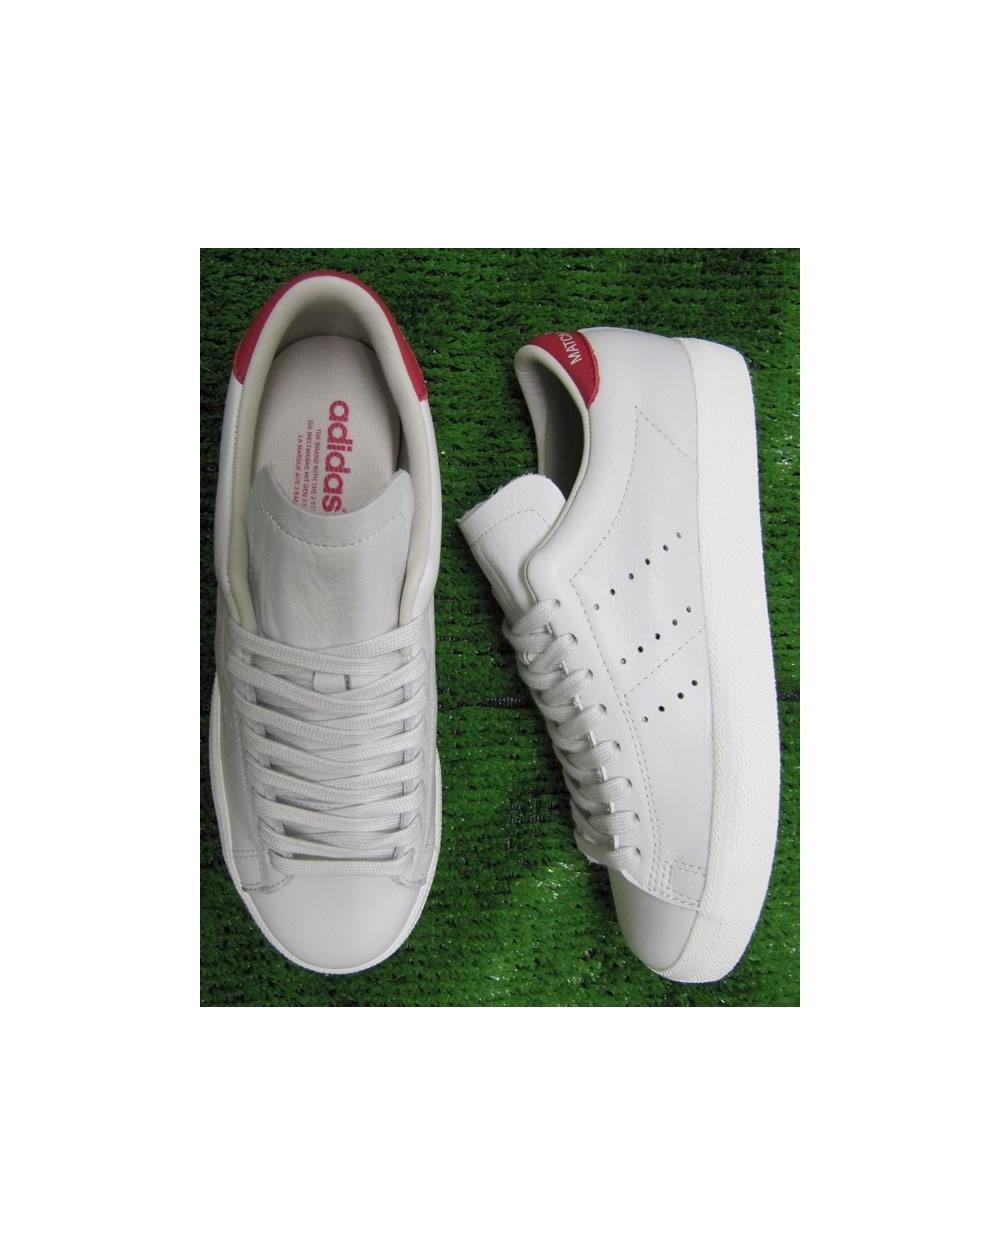 Adidas Gazelle Og Neo White Leather Trainers